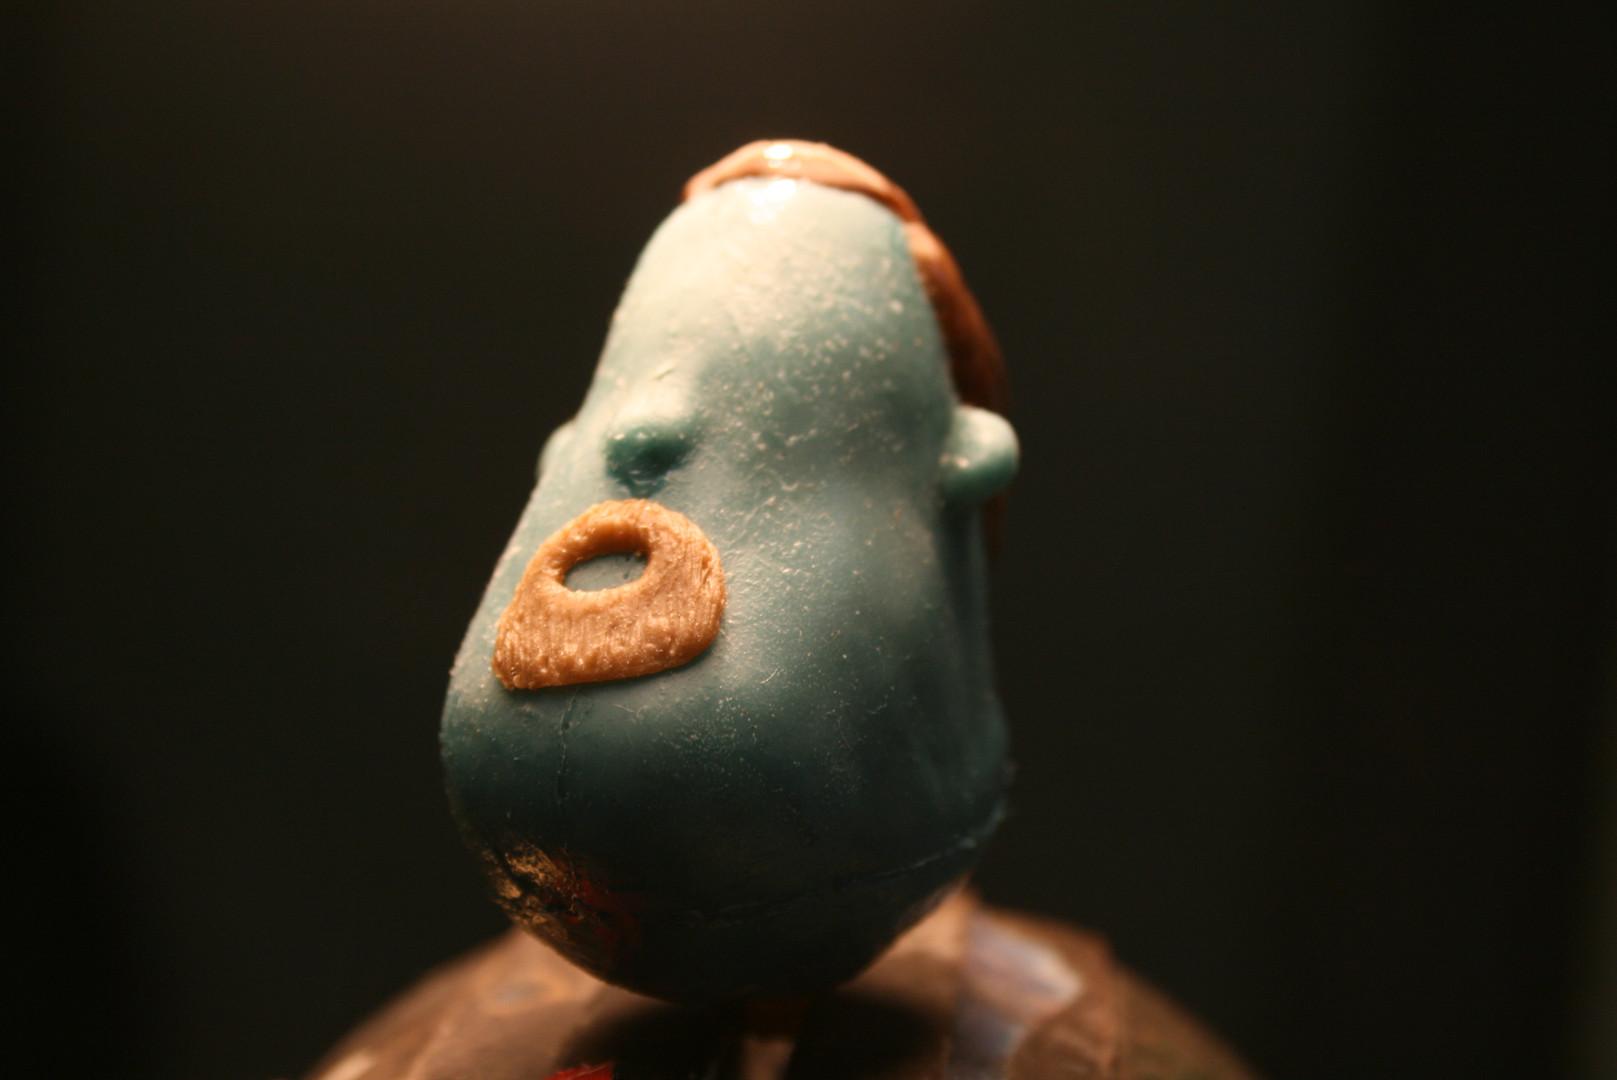 Ministudio - Silicon puppet head